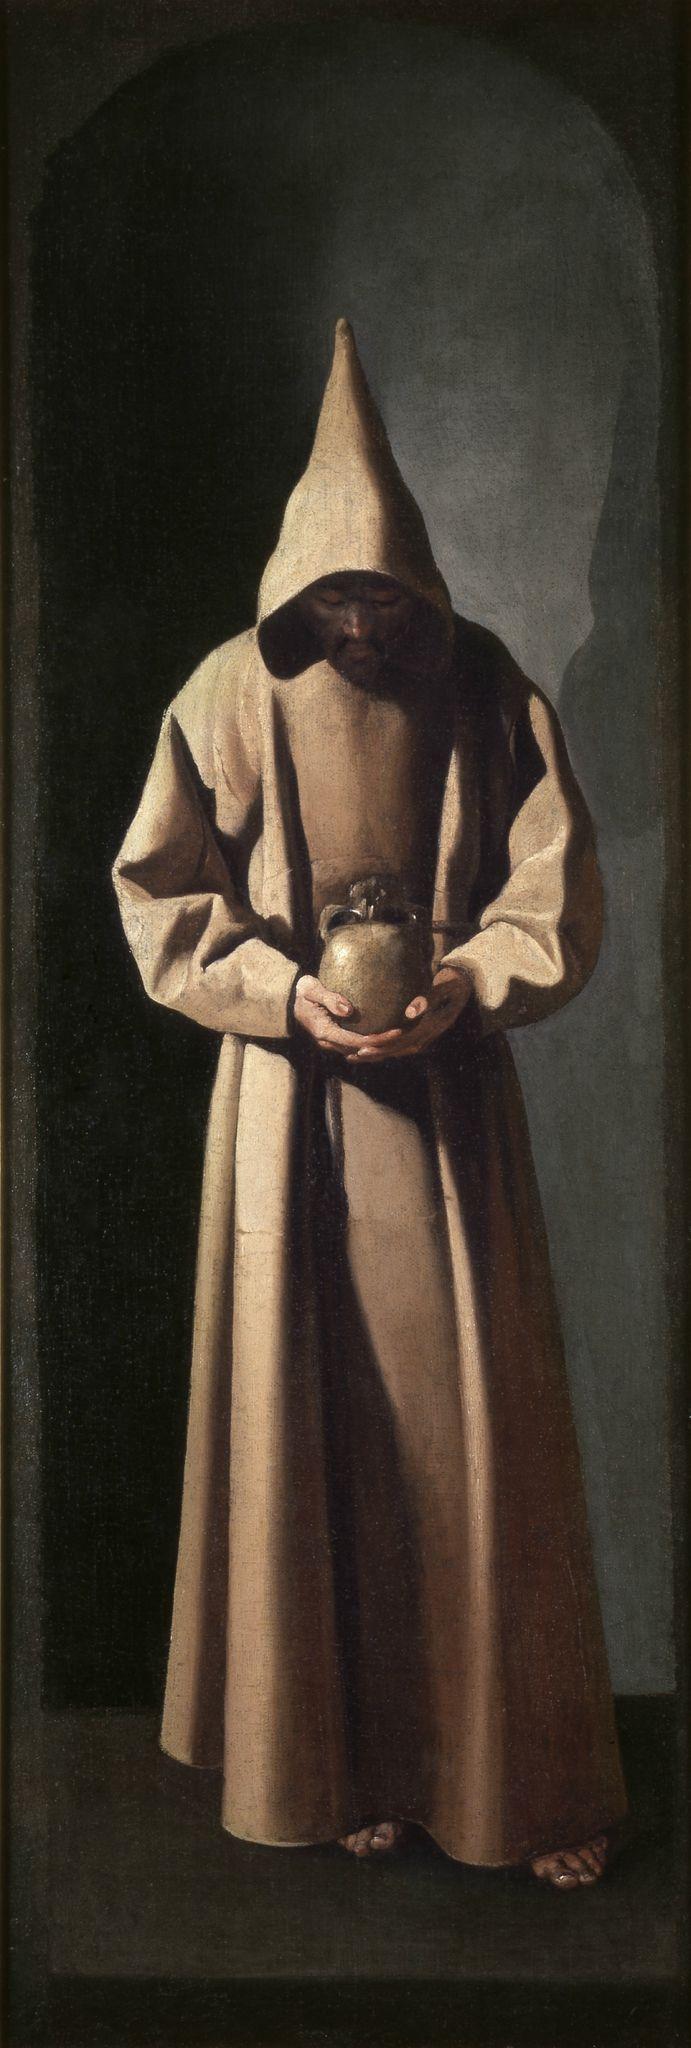 Франсиско де Сурбаран. Святой Франциск созерцающий череп